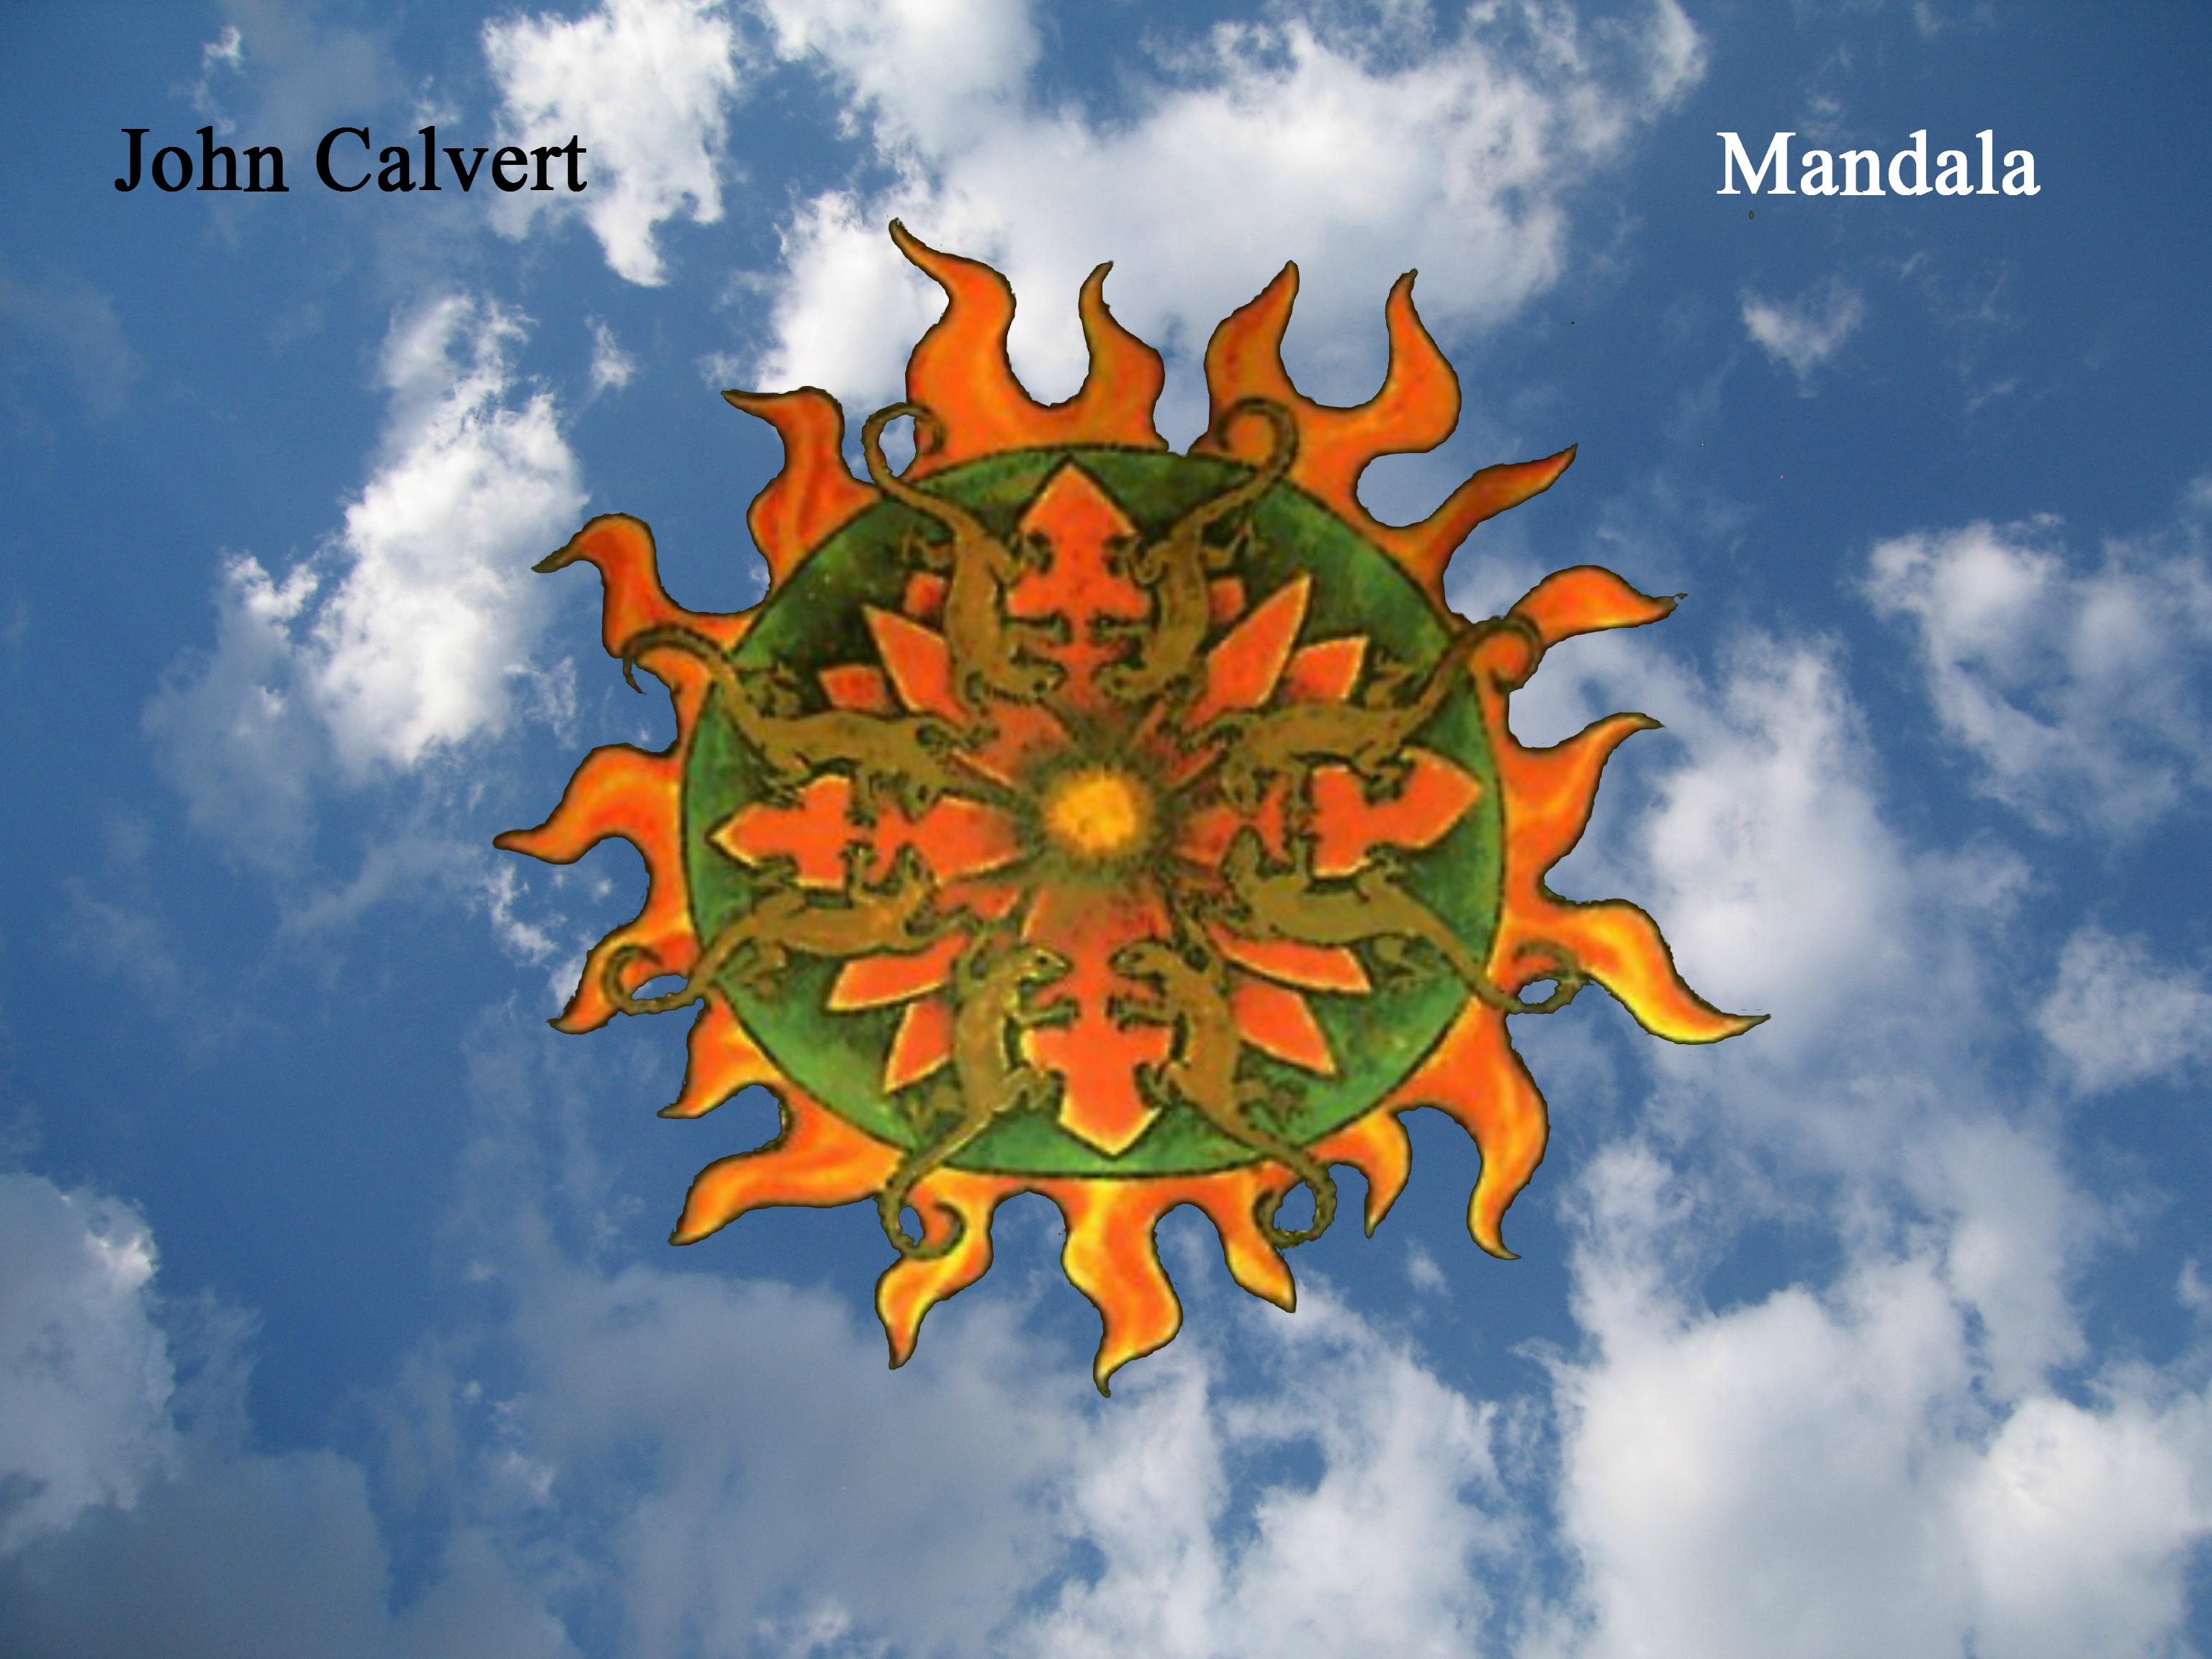 Mandala - John Calvert